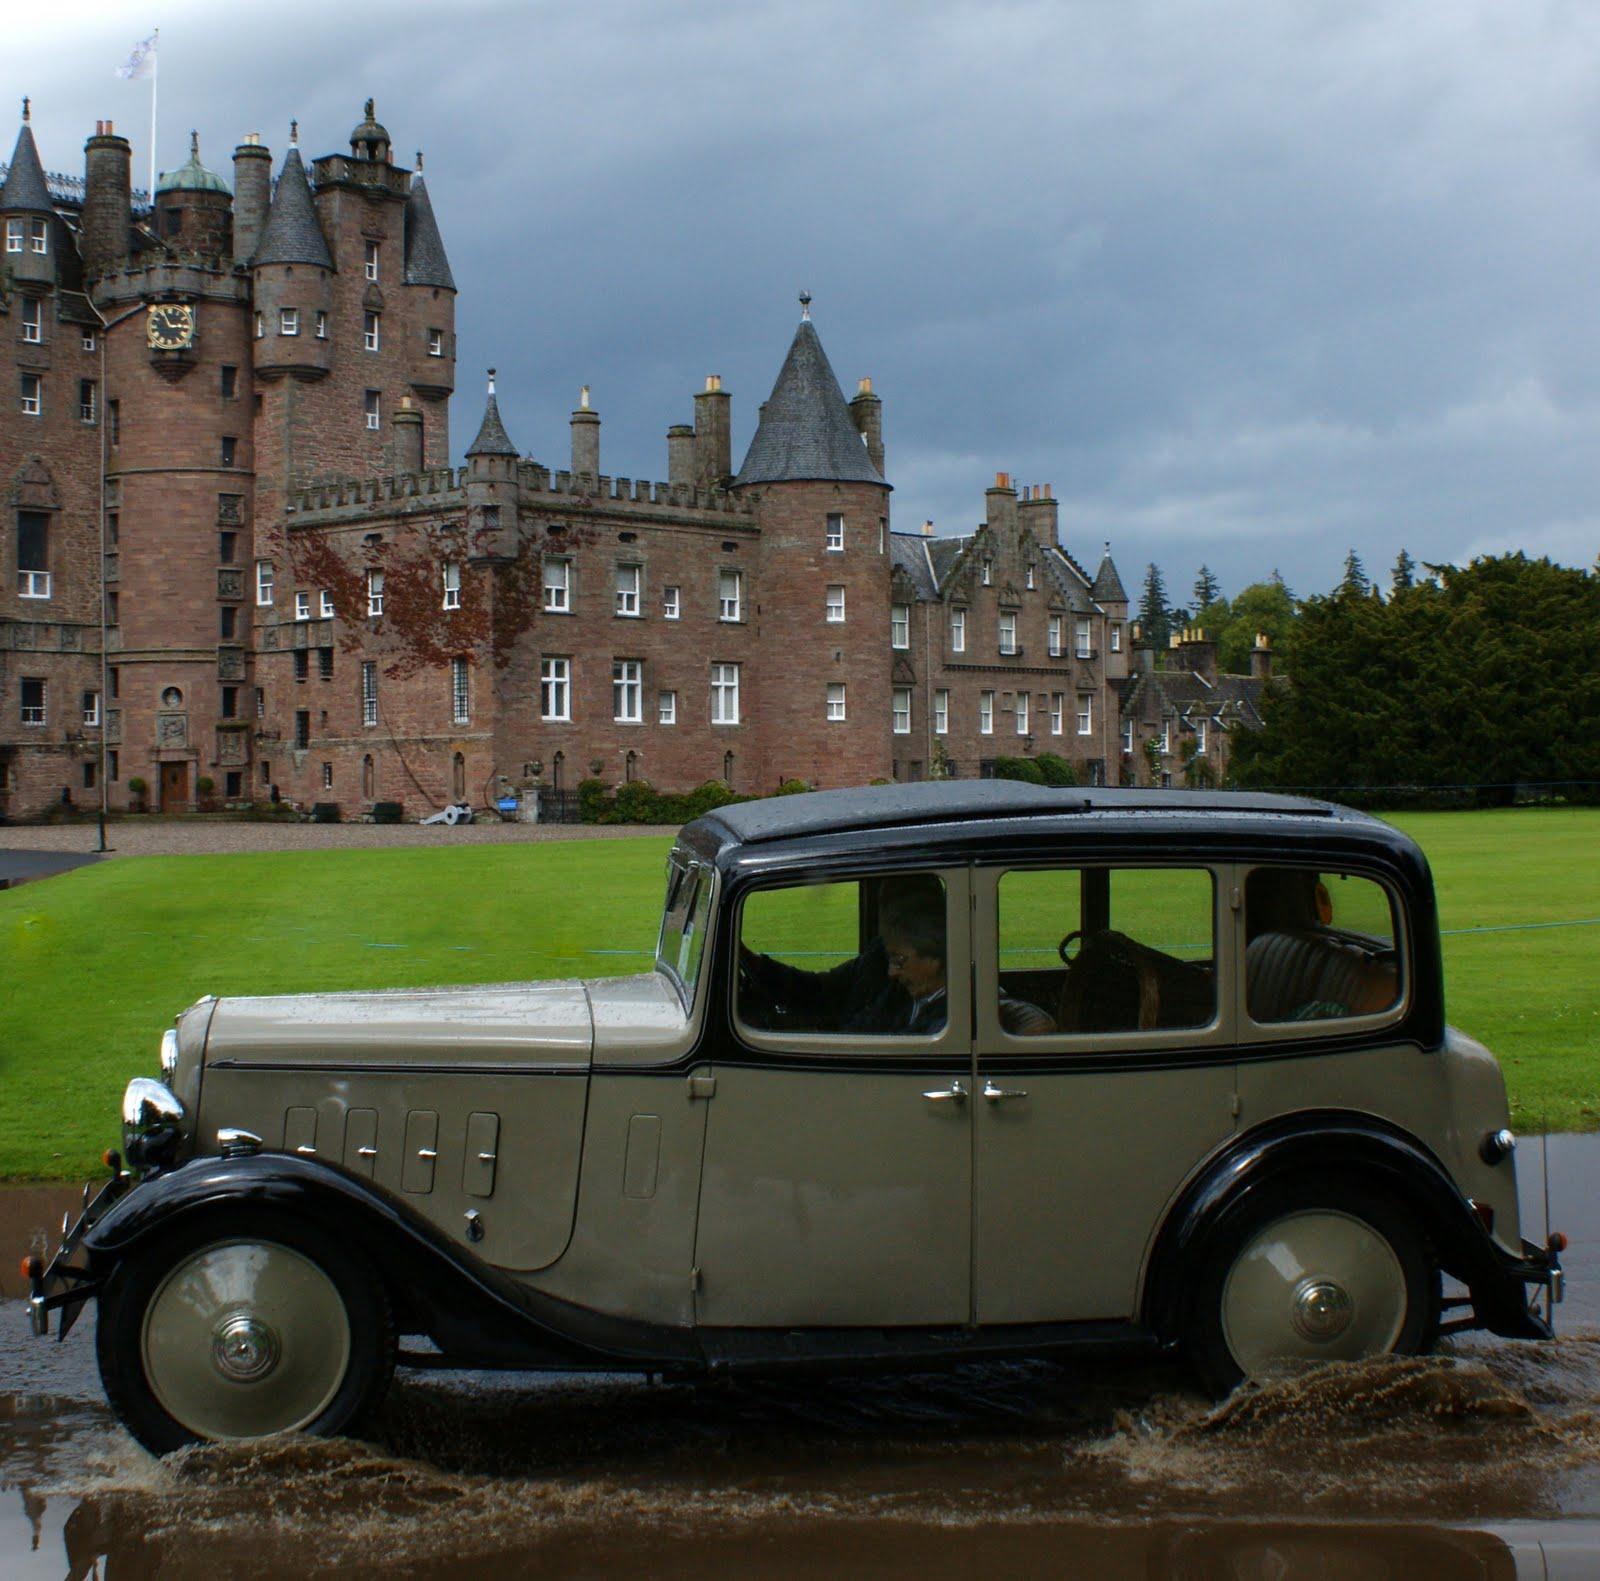 Tour Scotland Photographs Vintage Cars Glamis Castle July 9th | Tour ...